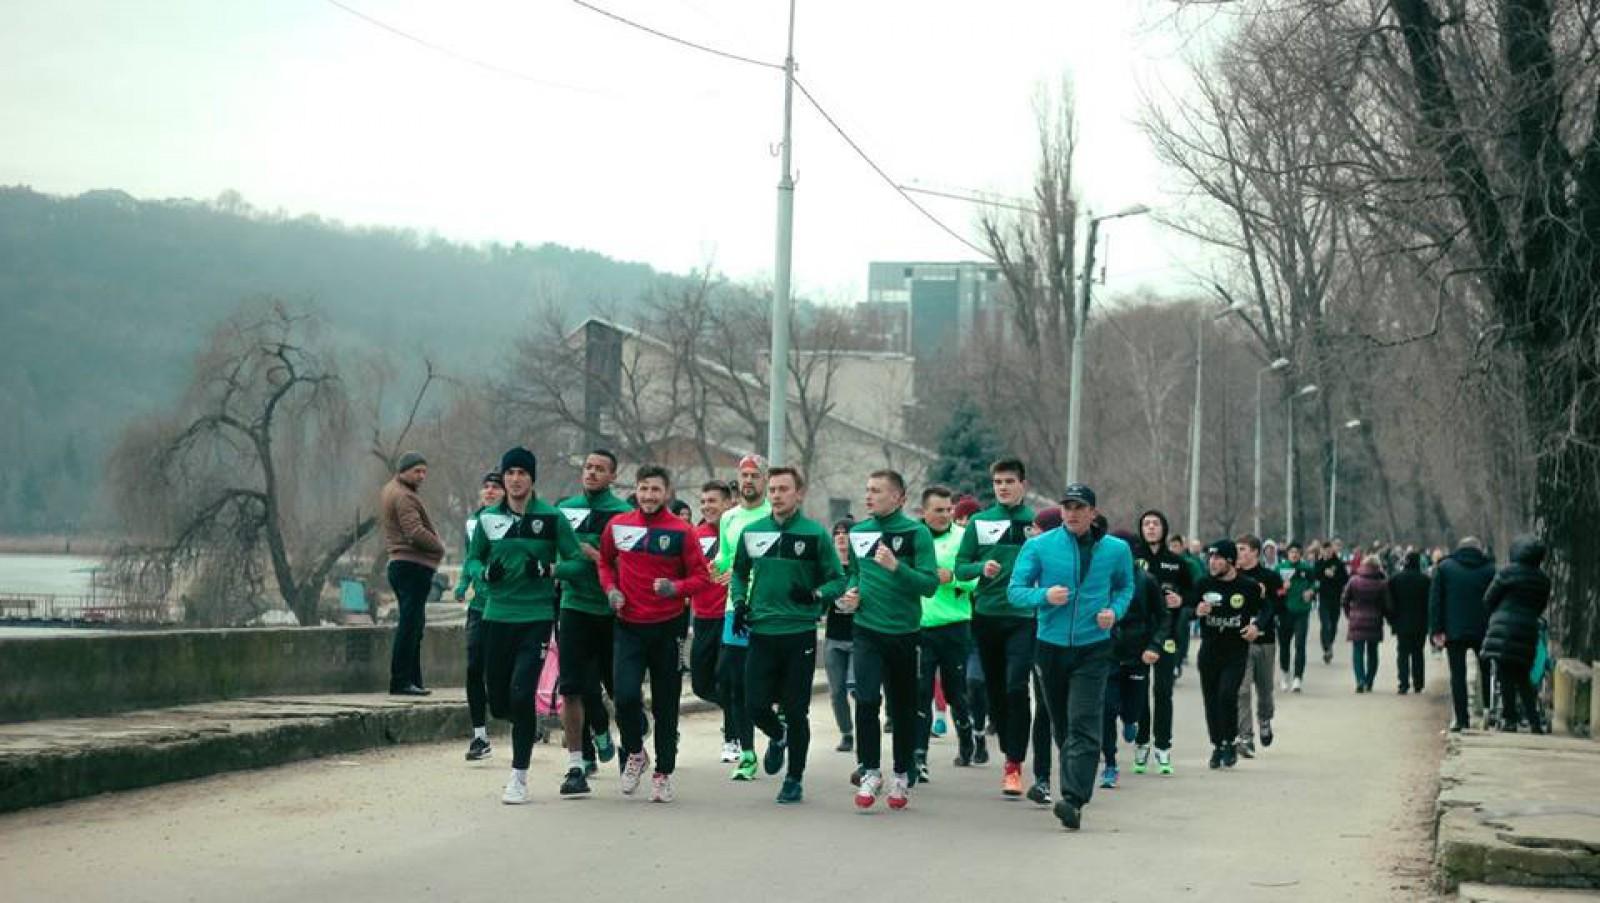 (video) Zimbru Run Day - Galben-verzii au alergat împreună cu toți cei care și-au dorit să fie mai aproape de echipa chișinăuiană